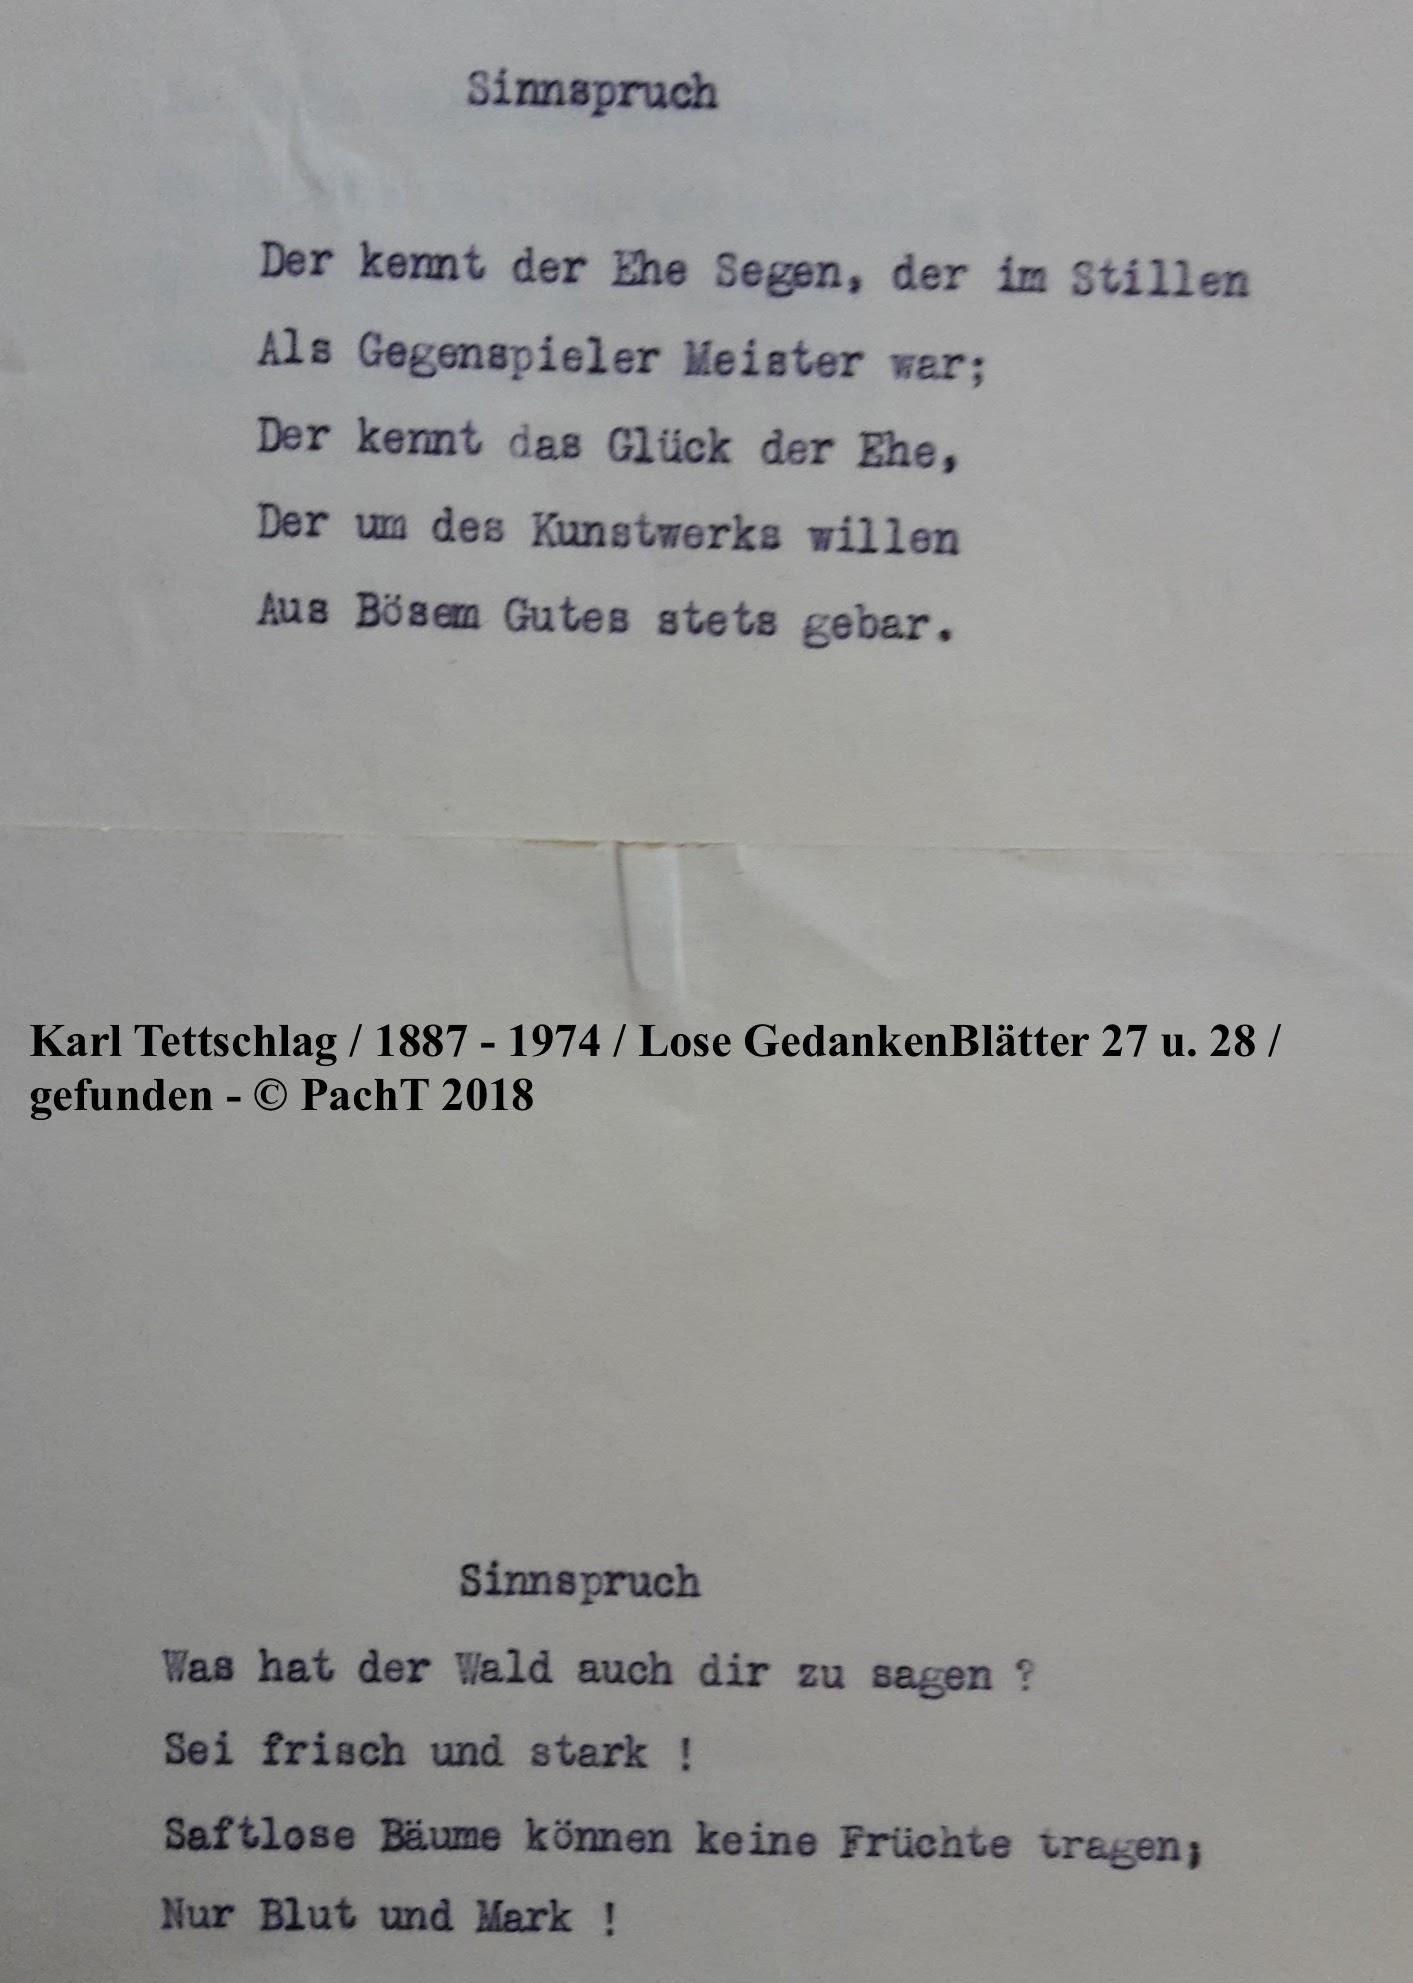 1887 - 1974 Erinnerungen an meinen Opa _ Lose GedankenBlätter 27_28